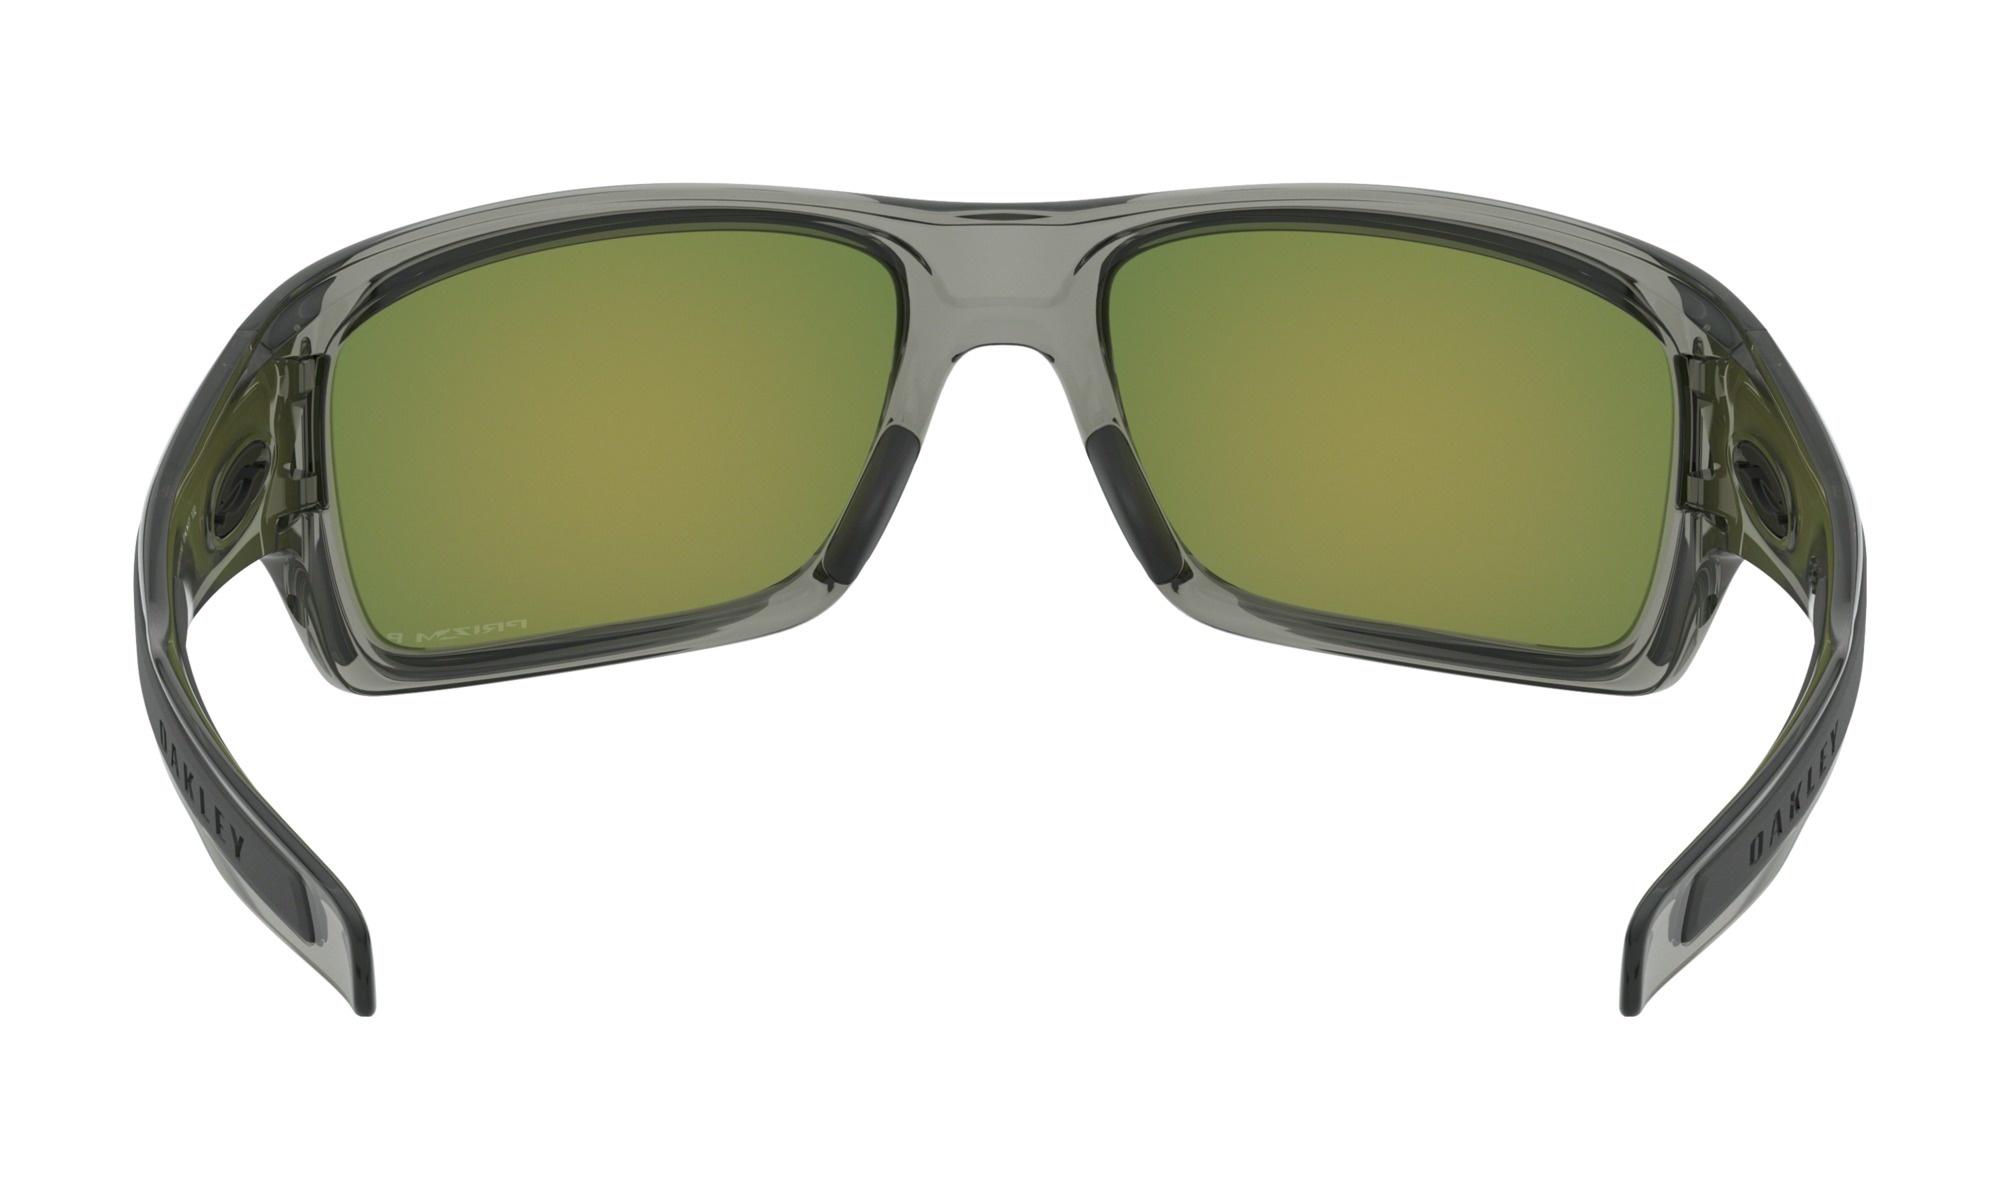 a25a25963c5b5 OAKLEY Turbine™ Grey Ink Sunglasses w  Prizm Ruby Polarized Lens. Press tab  to enlarge